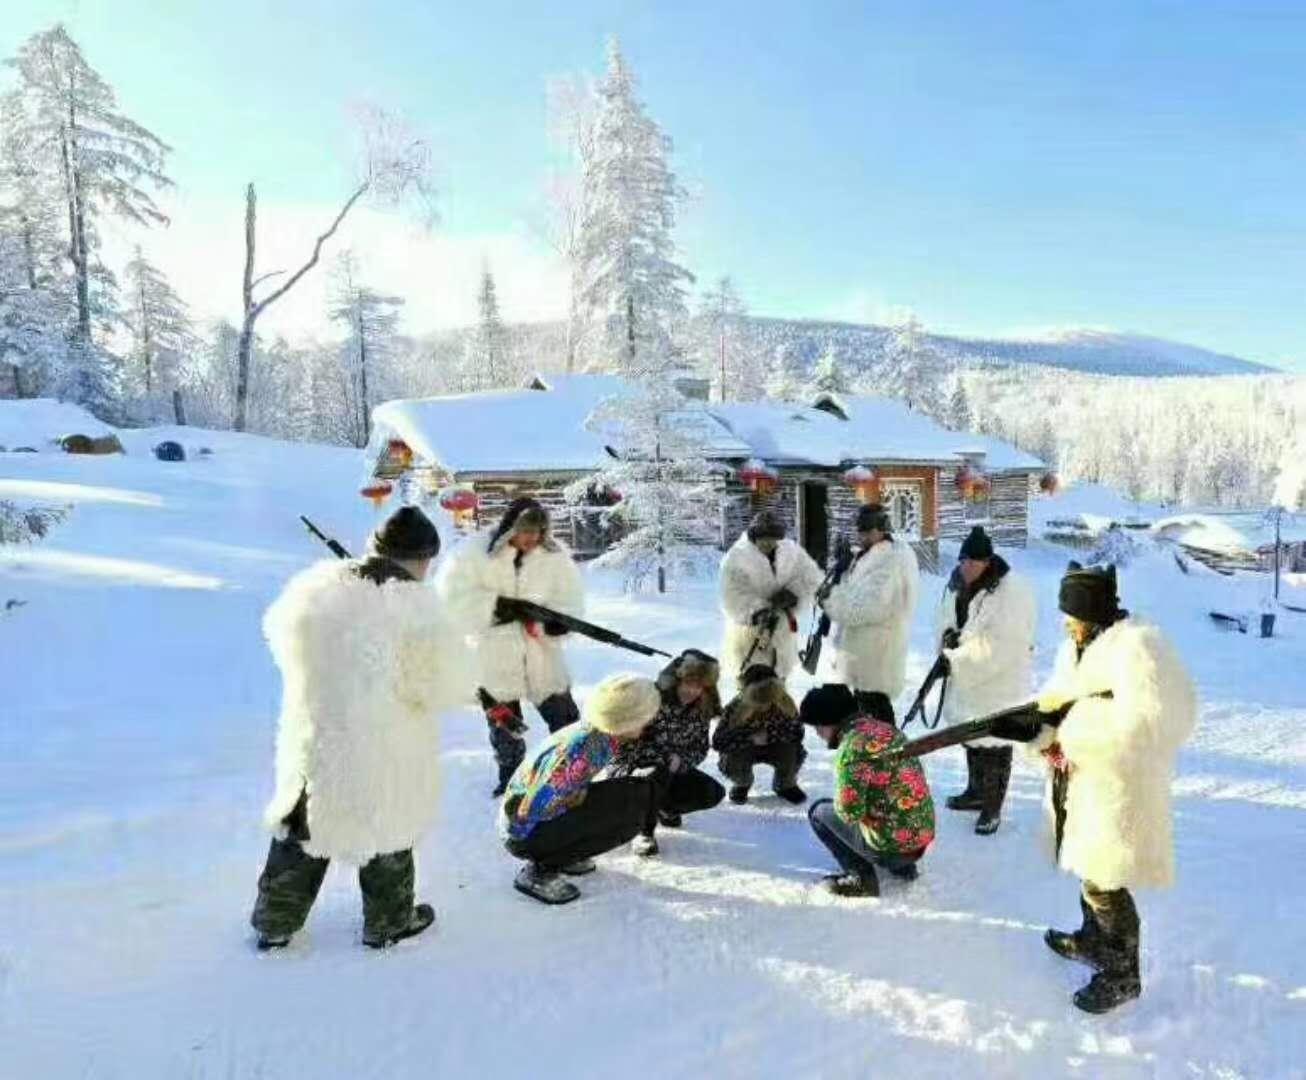 亞布力滑雪旅遊度假區+亞布力觀光纜車及世界第一滑道一日游(哈爾濱出發一單一團,買大贈小)